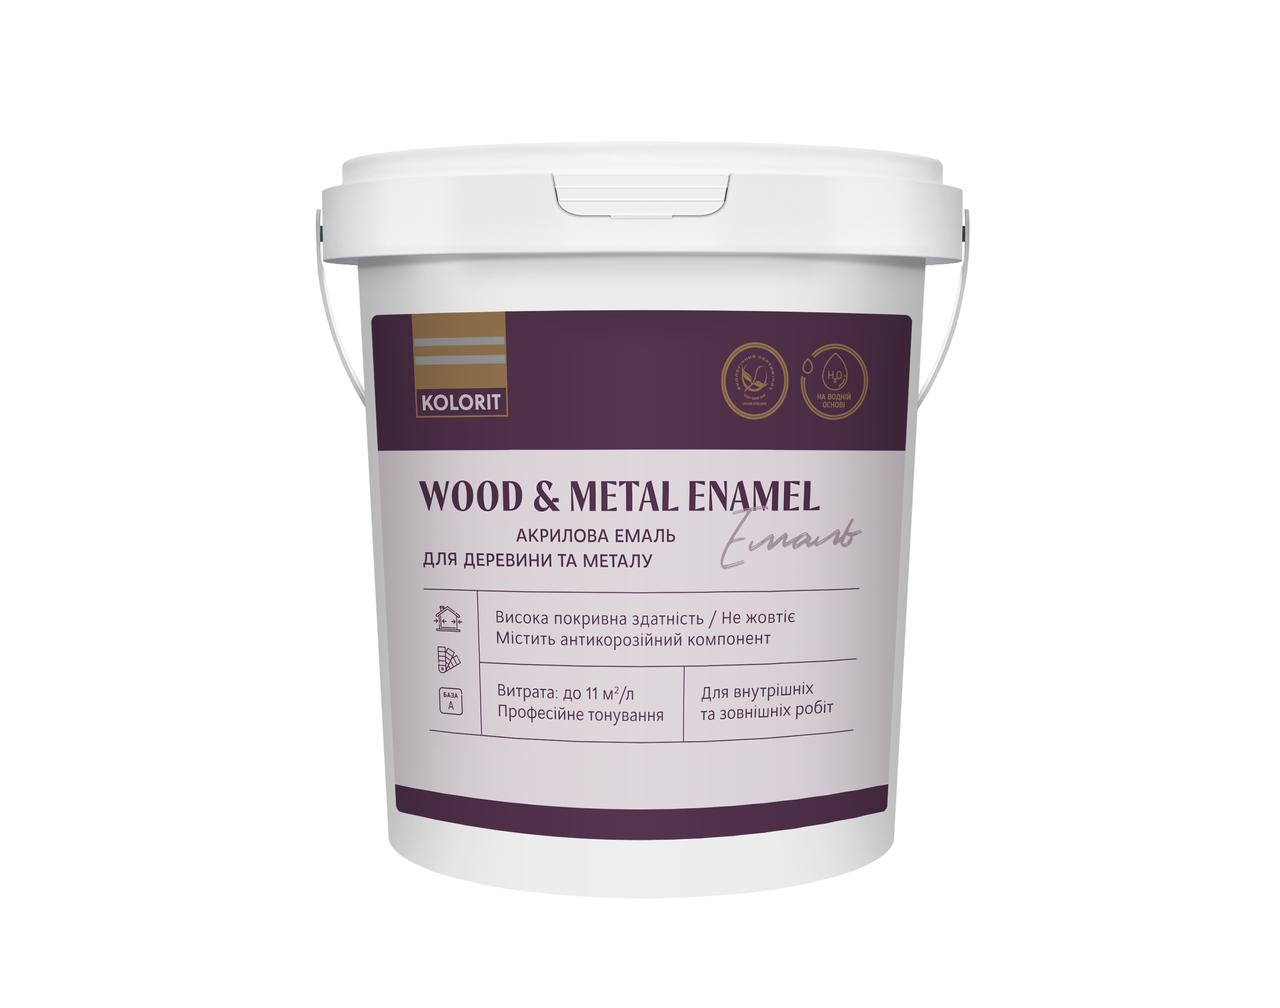 Акрилова напівматова емаль для дерева та металу Kolorit Wood And Metal Enamel (2л)